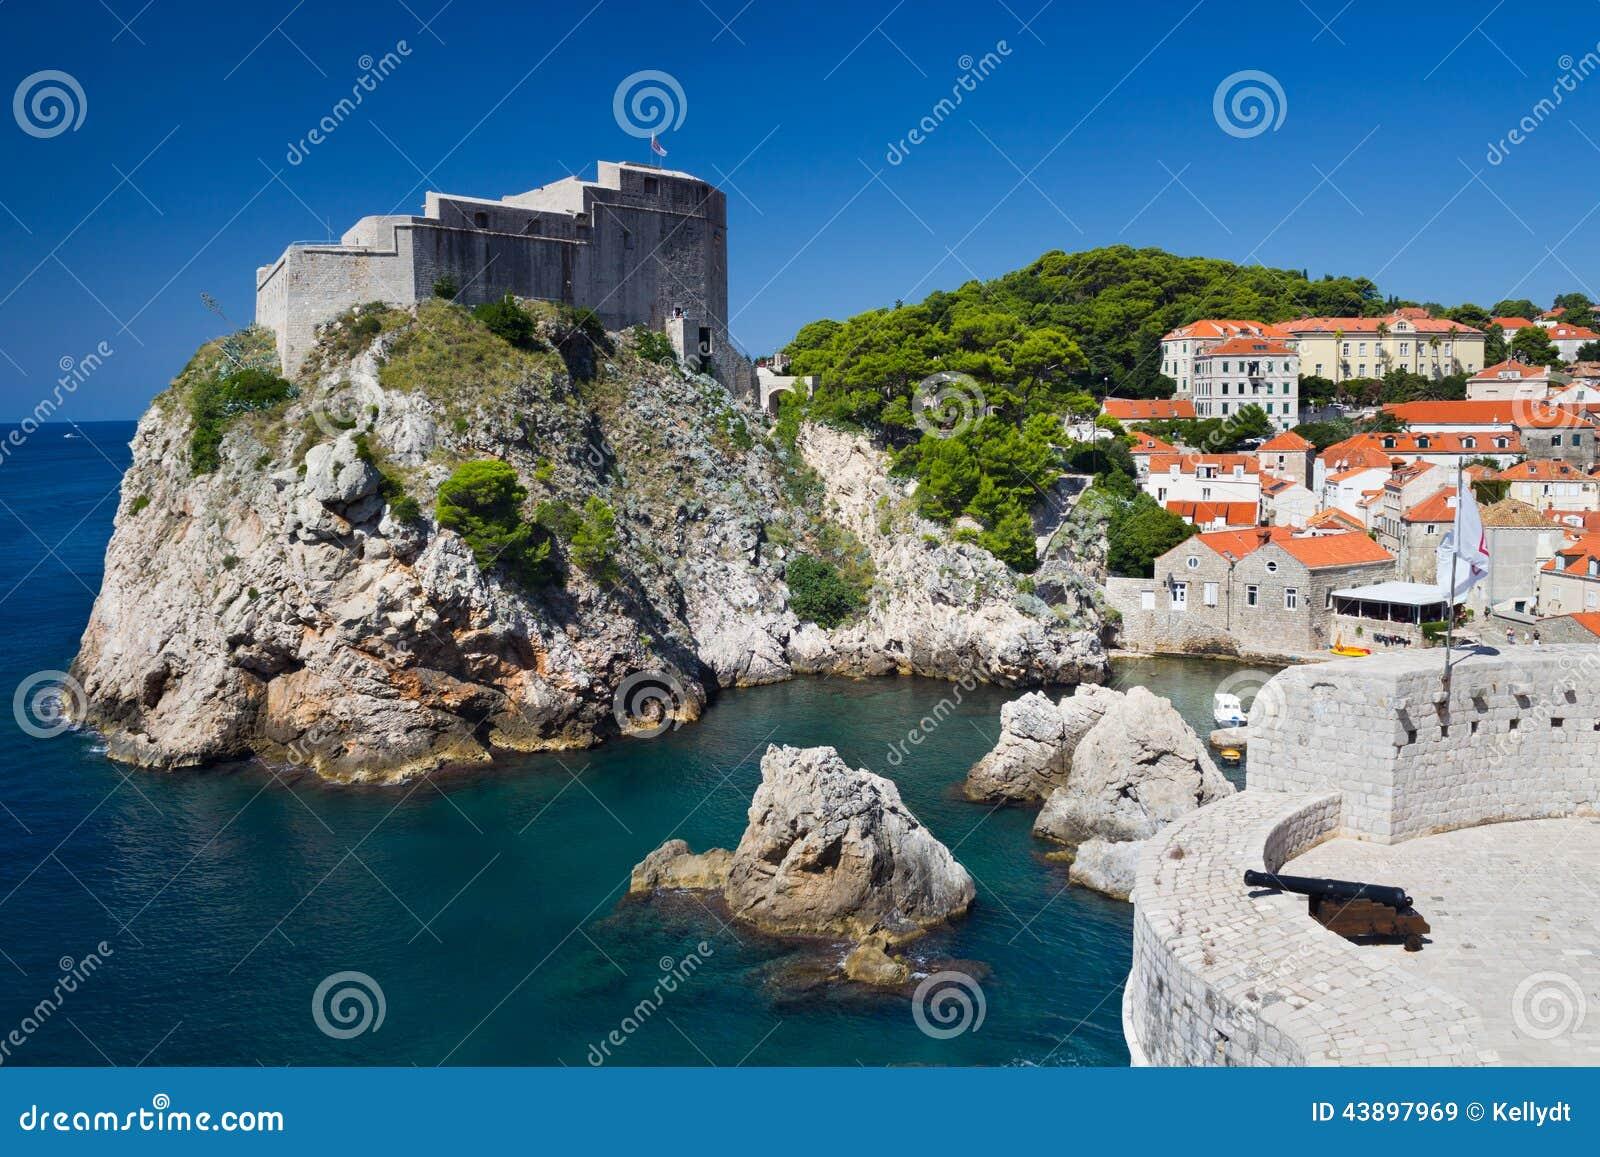 Lovrijenac-Festung in Dubrovnik